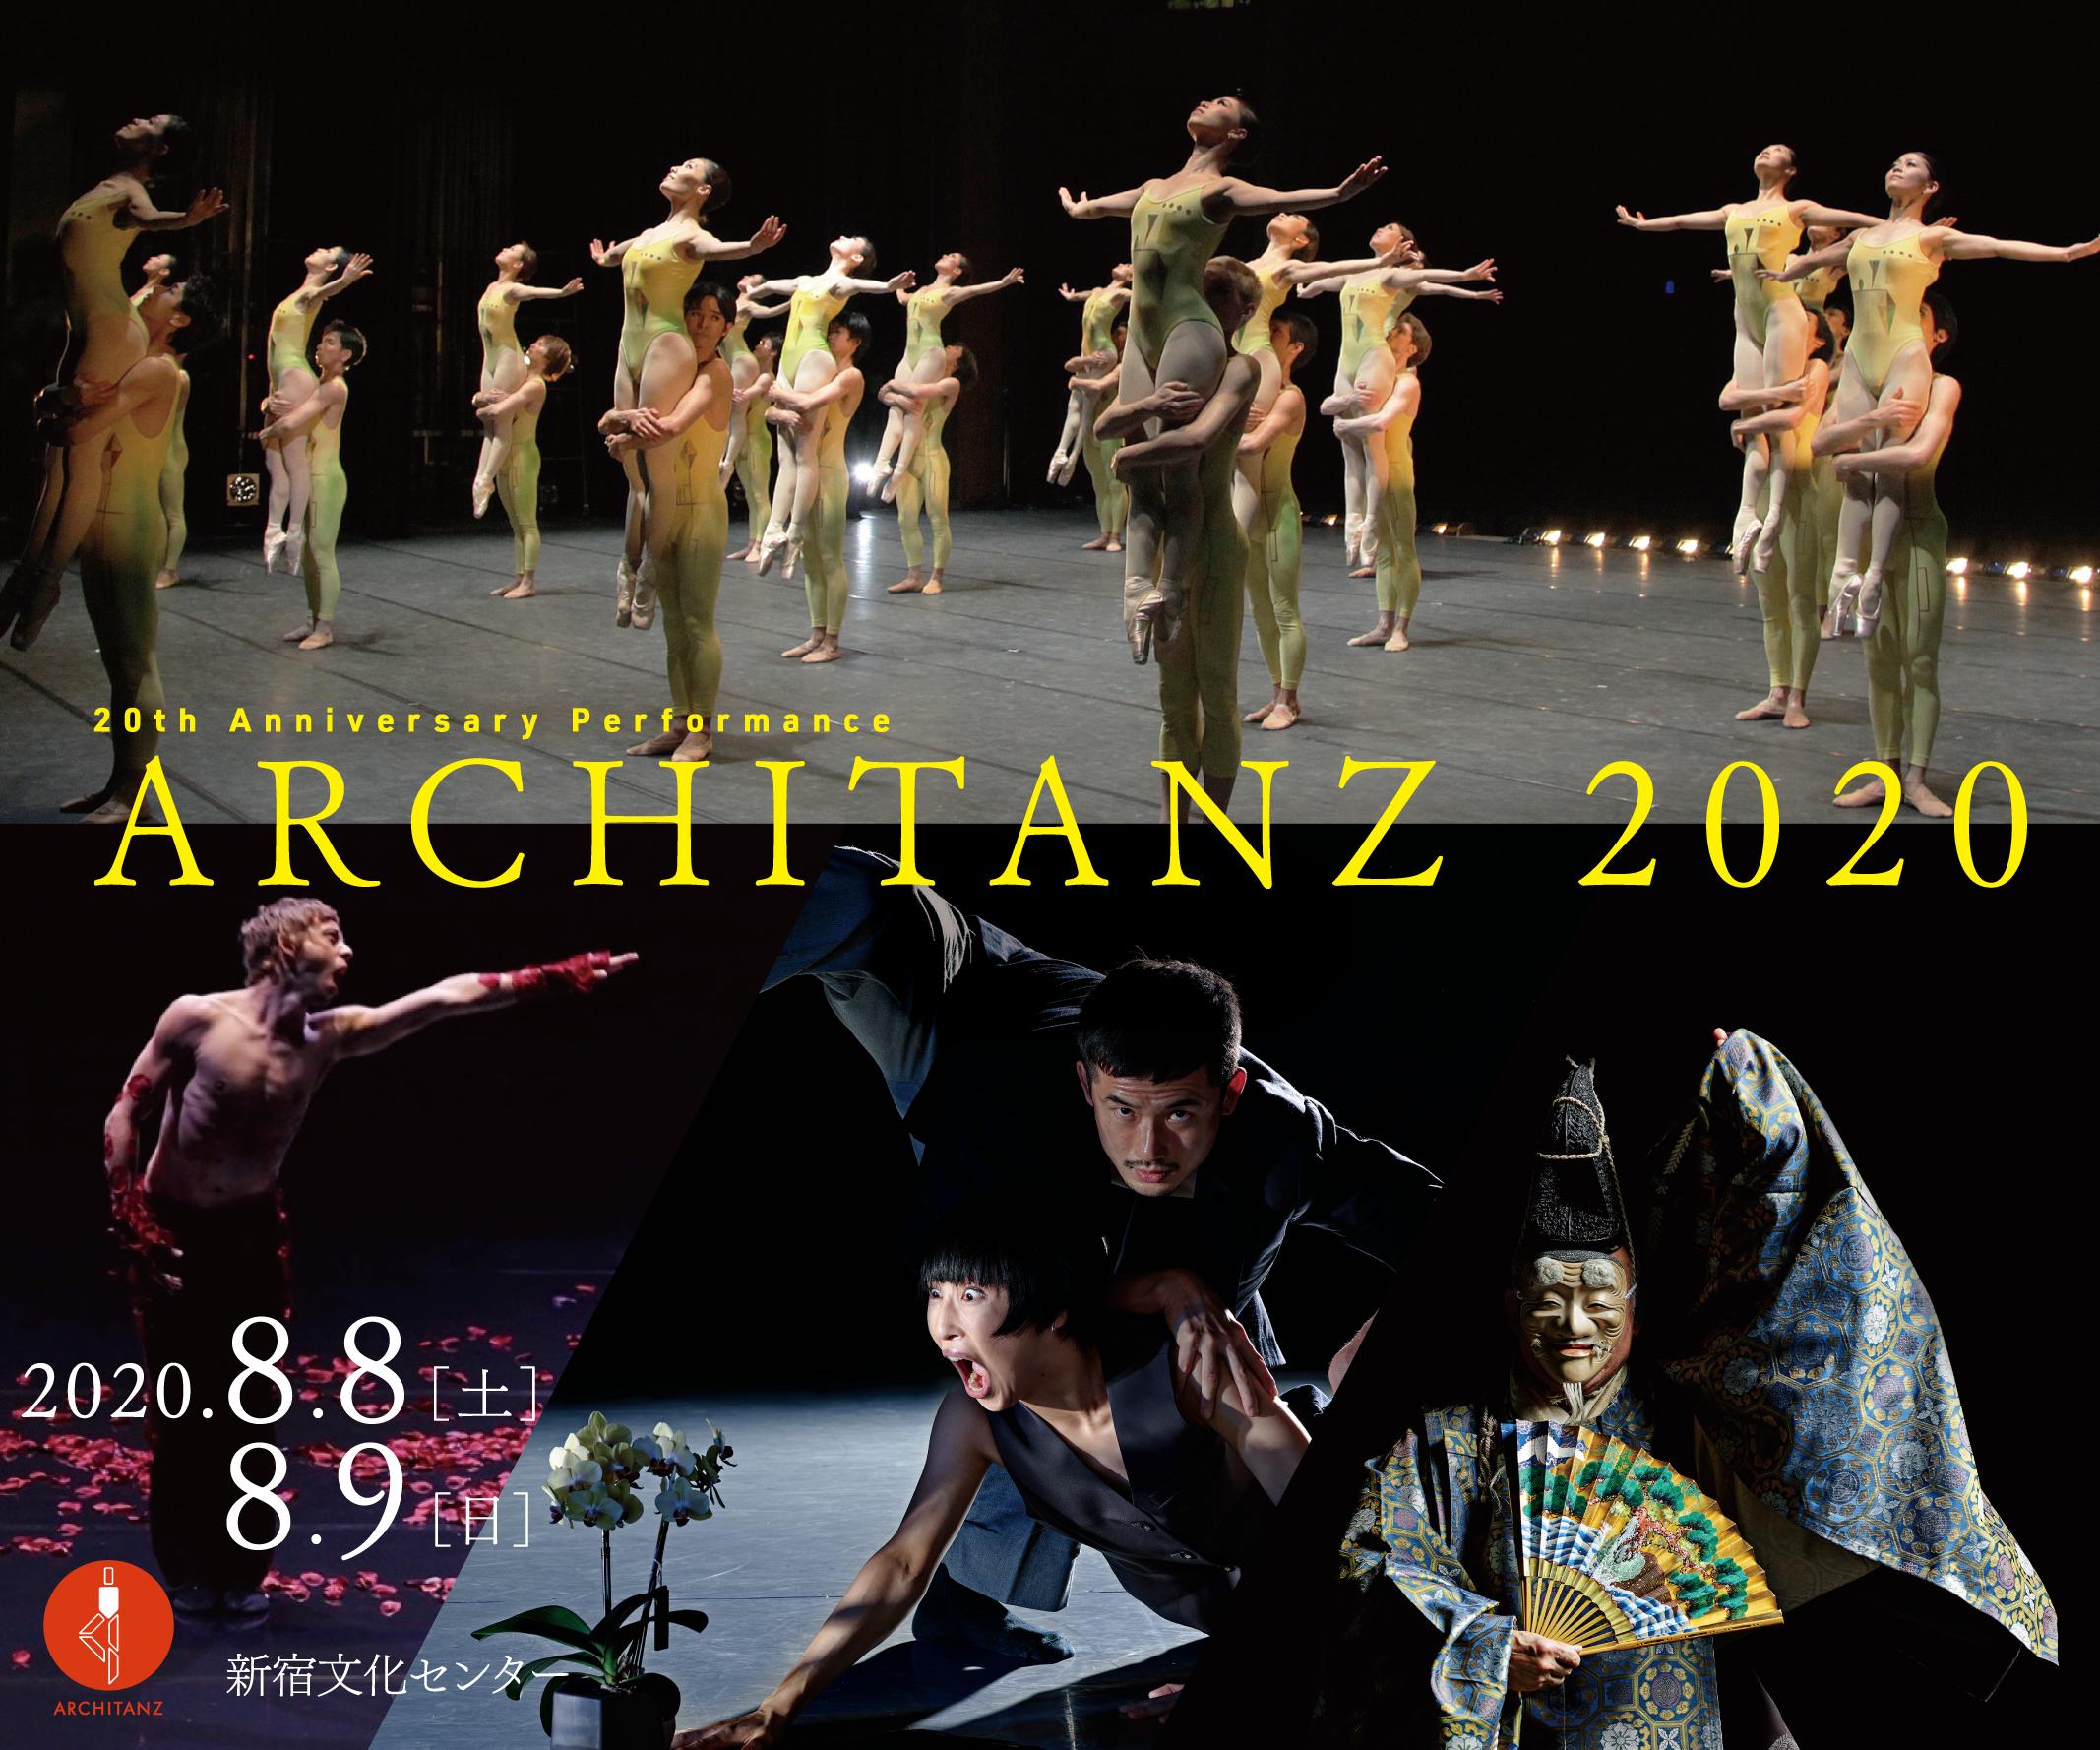 【公演中止、延期のお知らせ】スタジオアーキタンツ 20周年記念公演ARCHITANZ2020